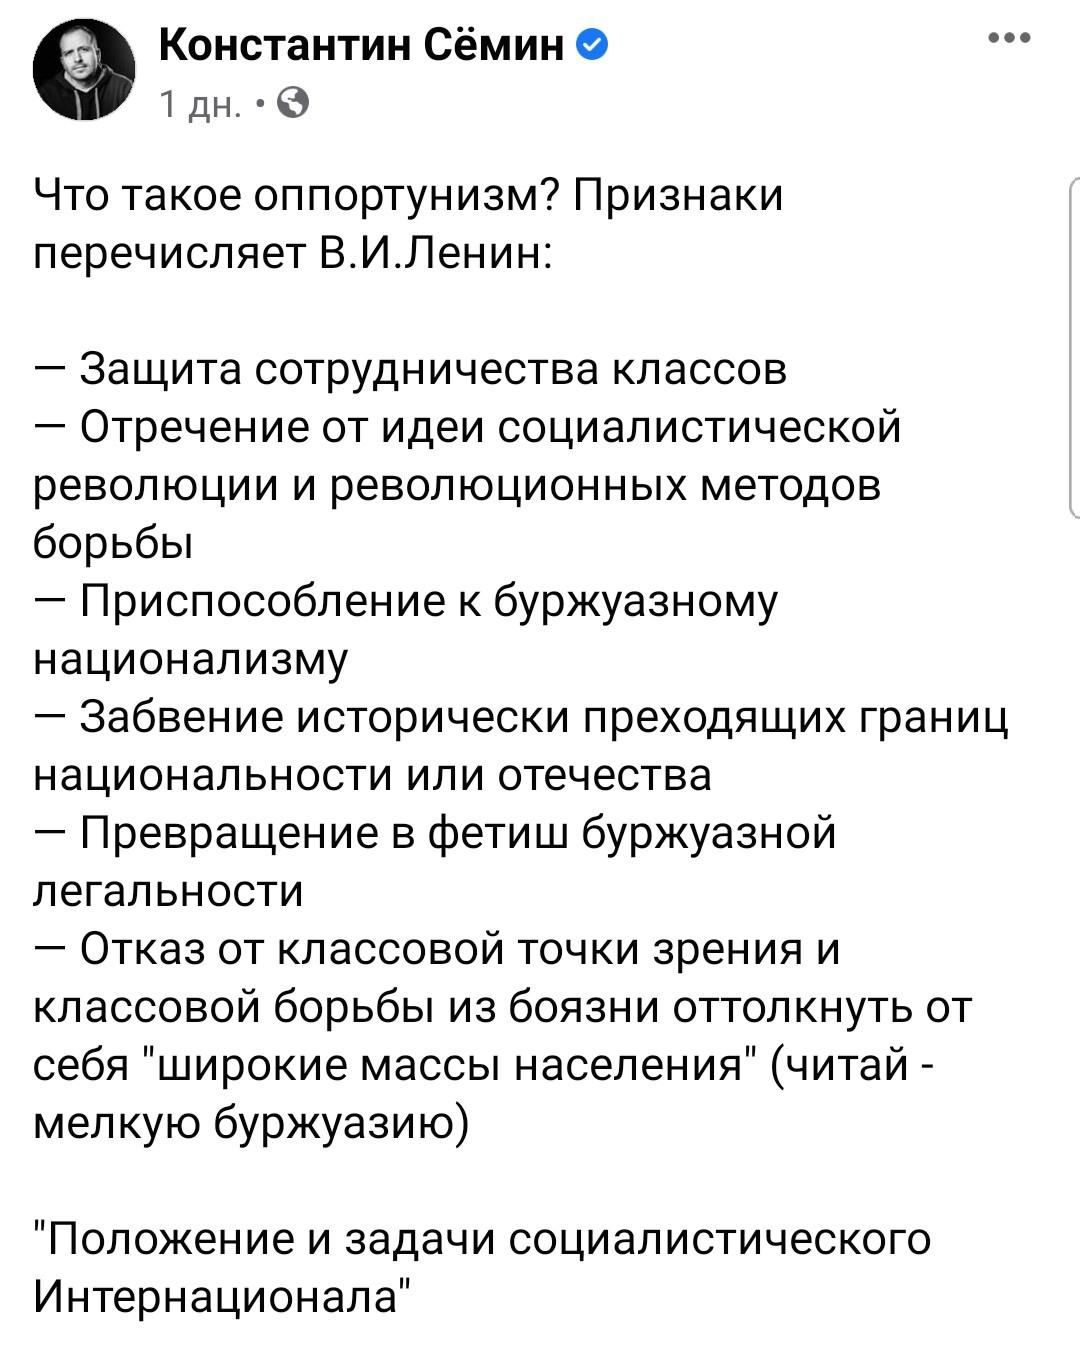 Александр Роджерс: Новая методичка для вместолевого движения в России россия